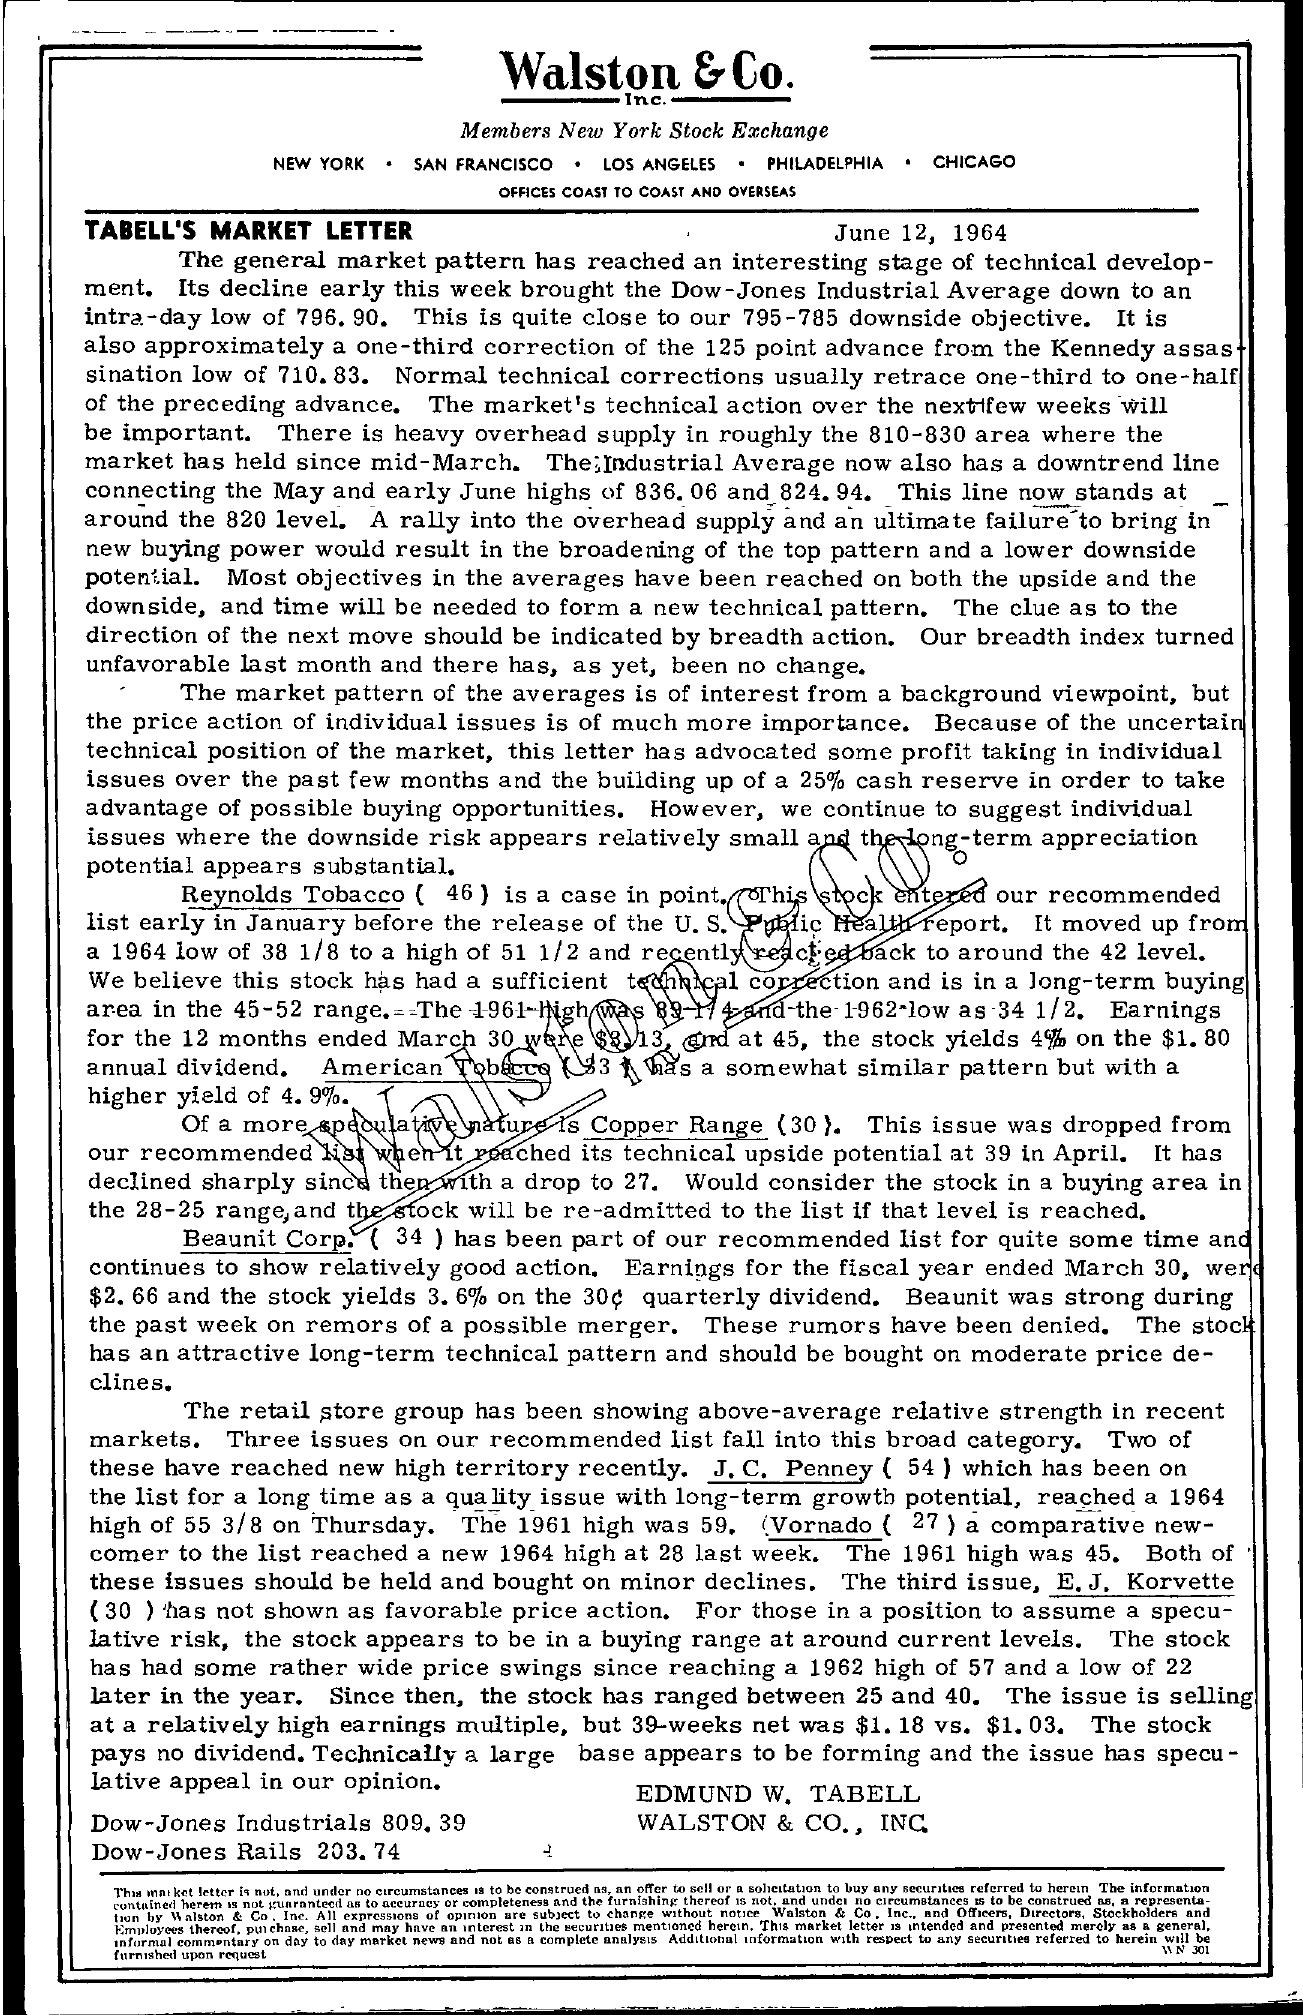 Tabell's Market Letter - June 12, 1964